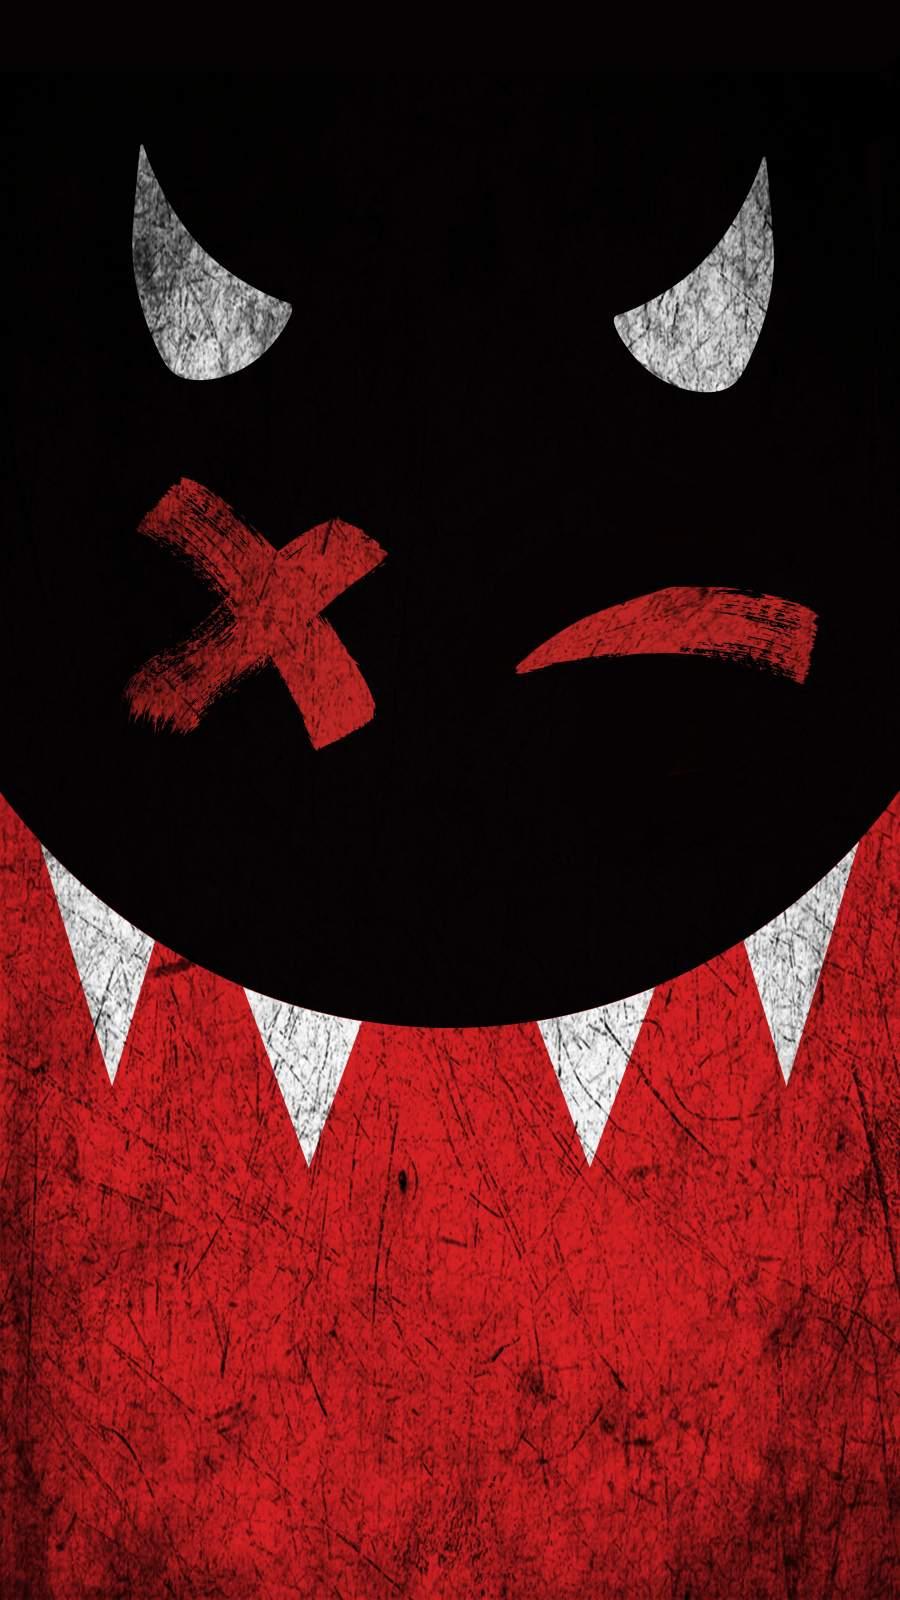 Monster Smile Wallpaper